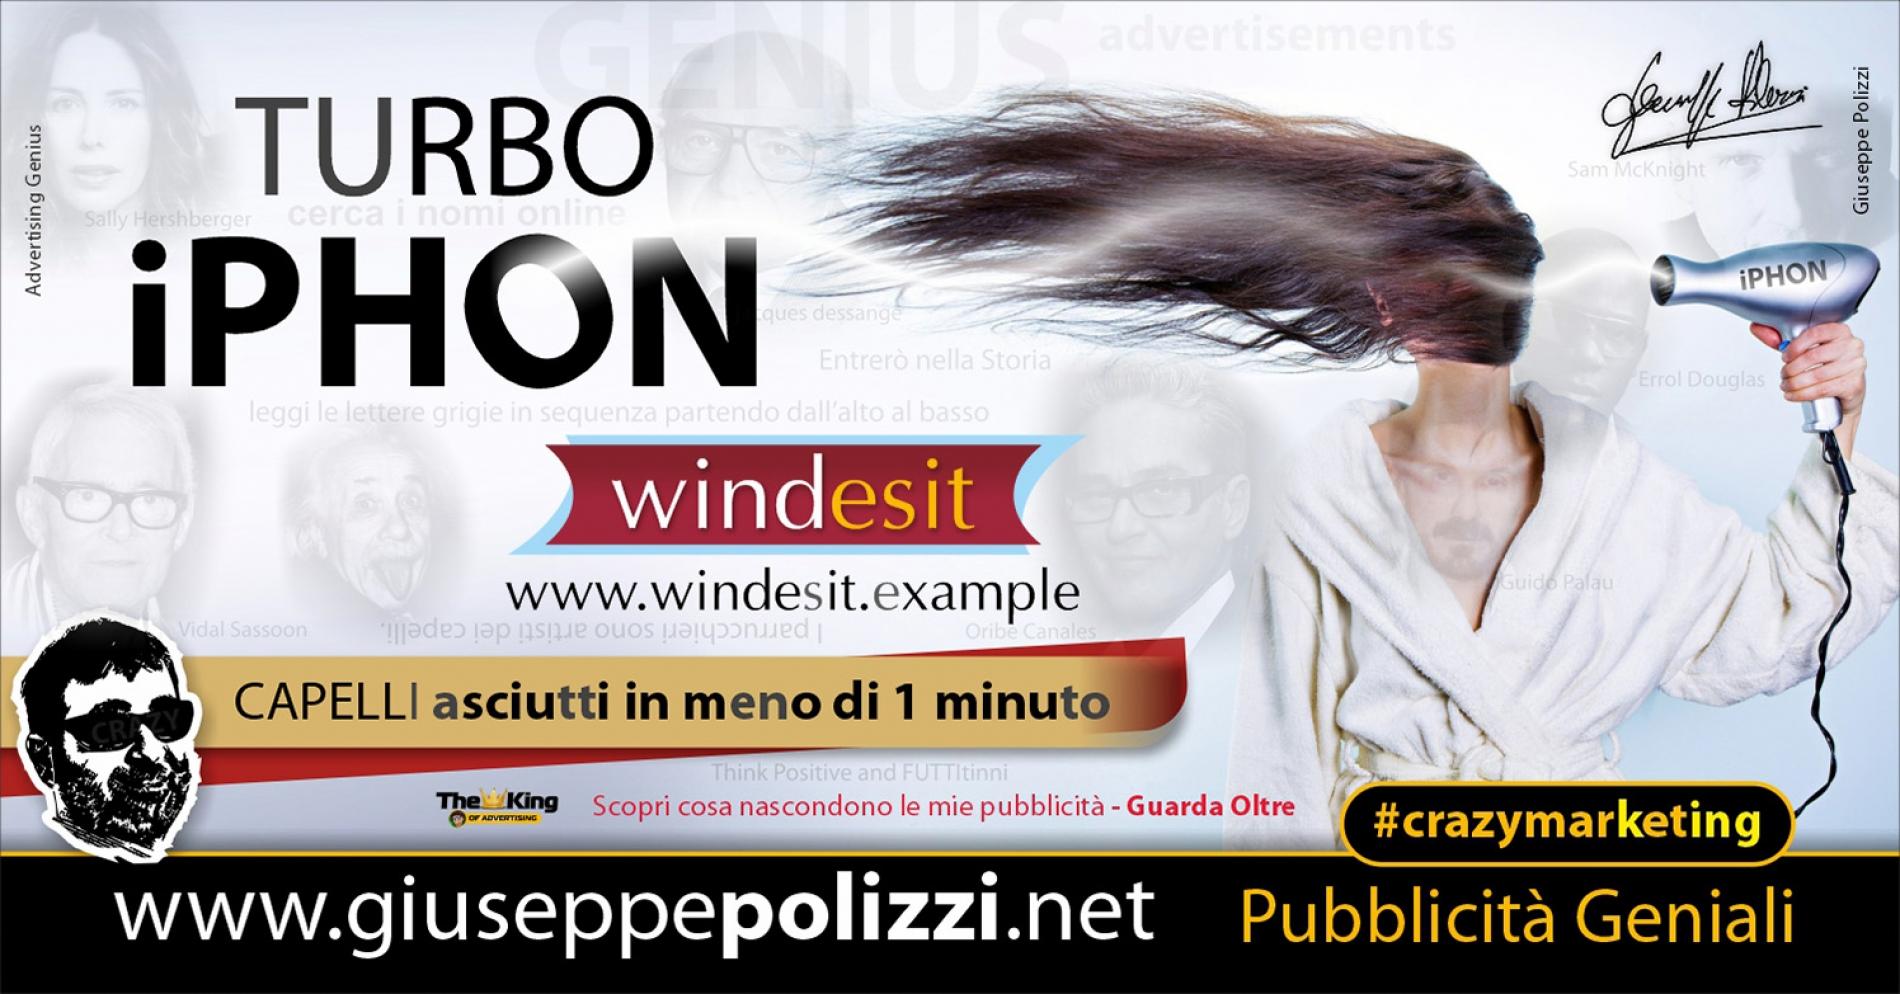 Giuseppe Polizzi Crazymarketing Turbo Iphon Pubblicità geniali